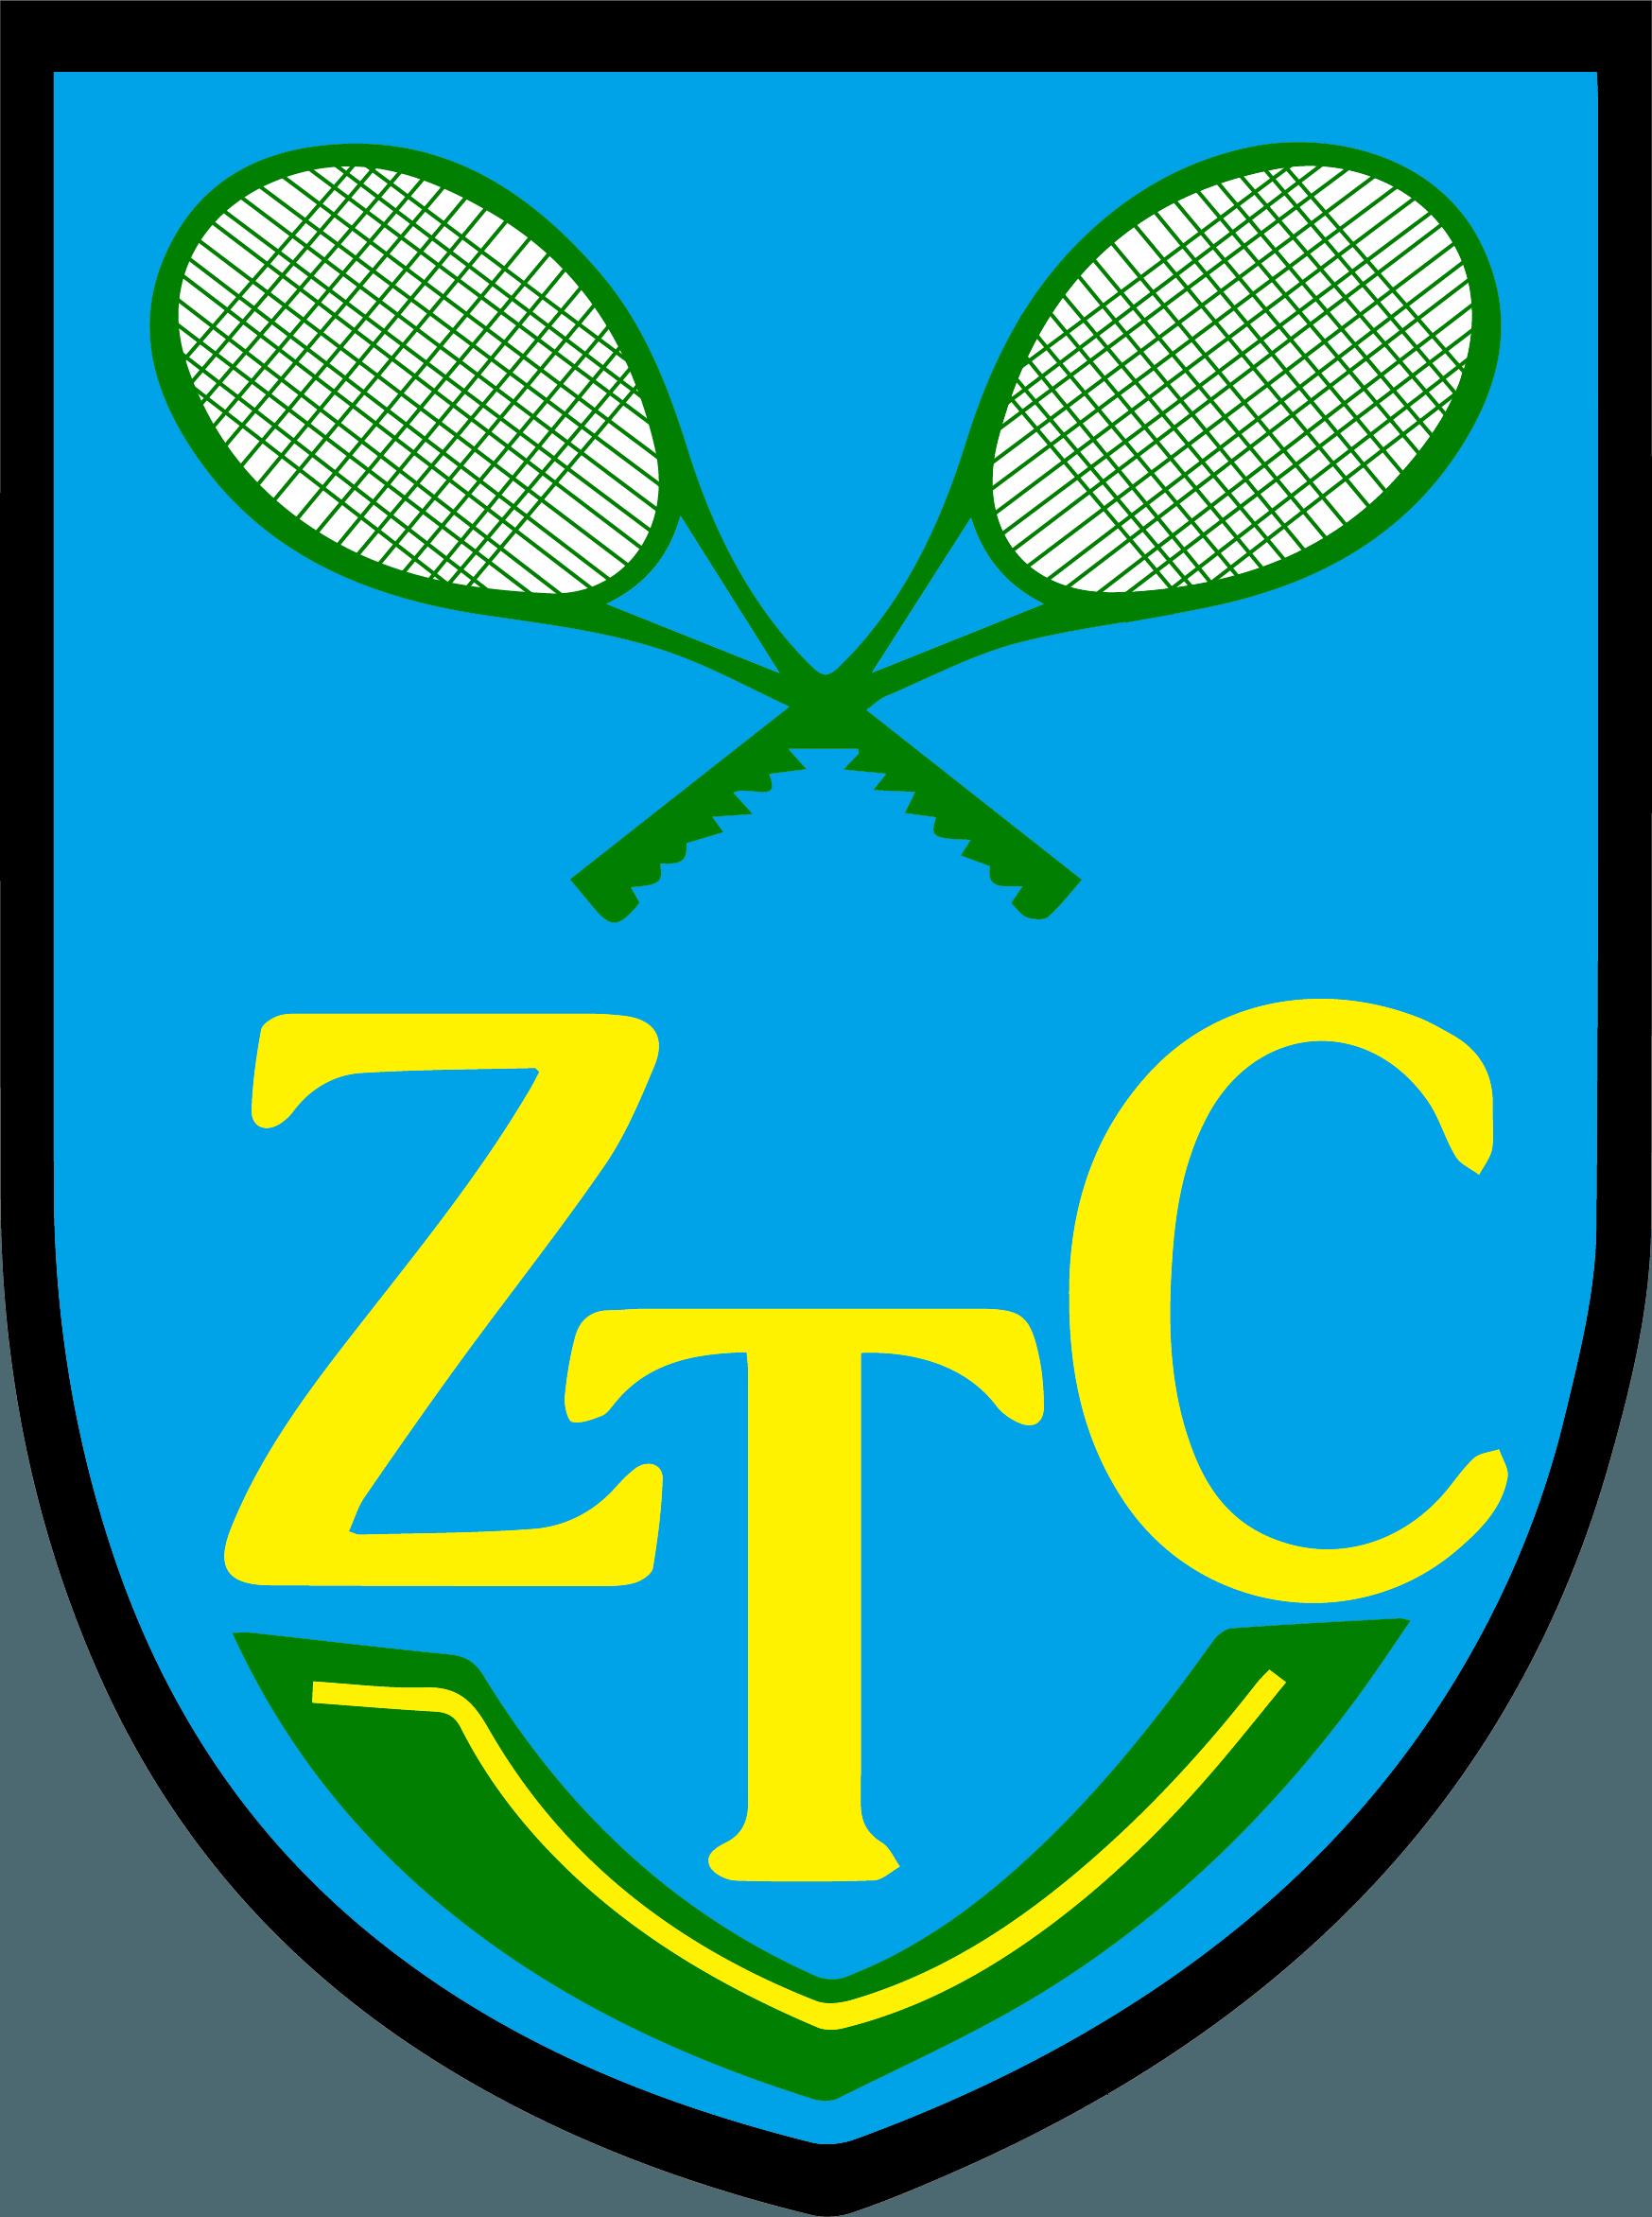 Zuidlaarder T.C.